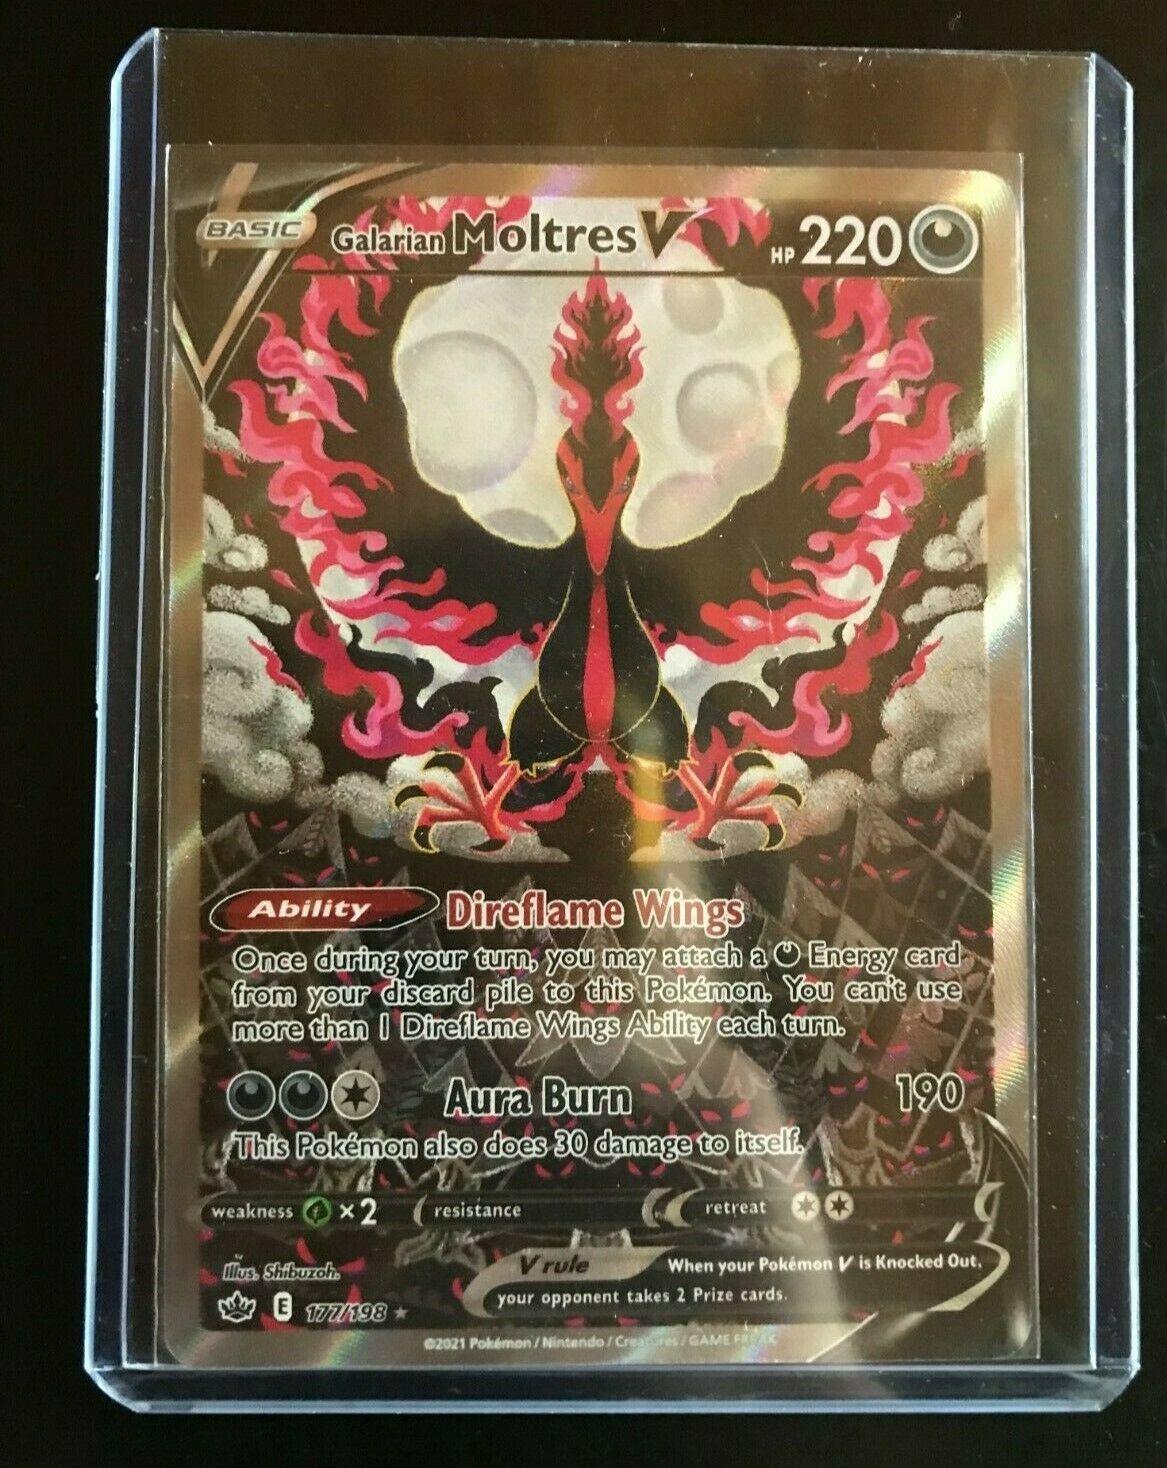 Pokemon Galarian Moltres V 177/198 Alternate Full Art Chilling Reign